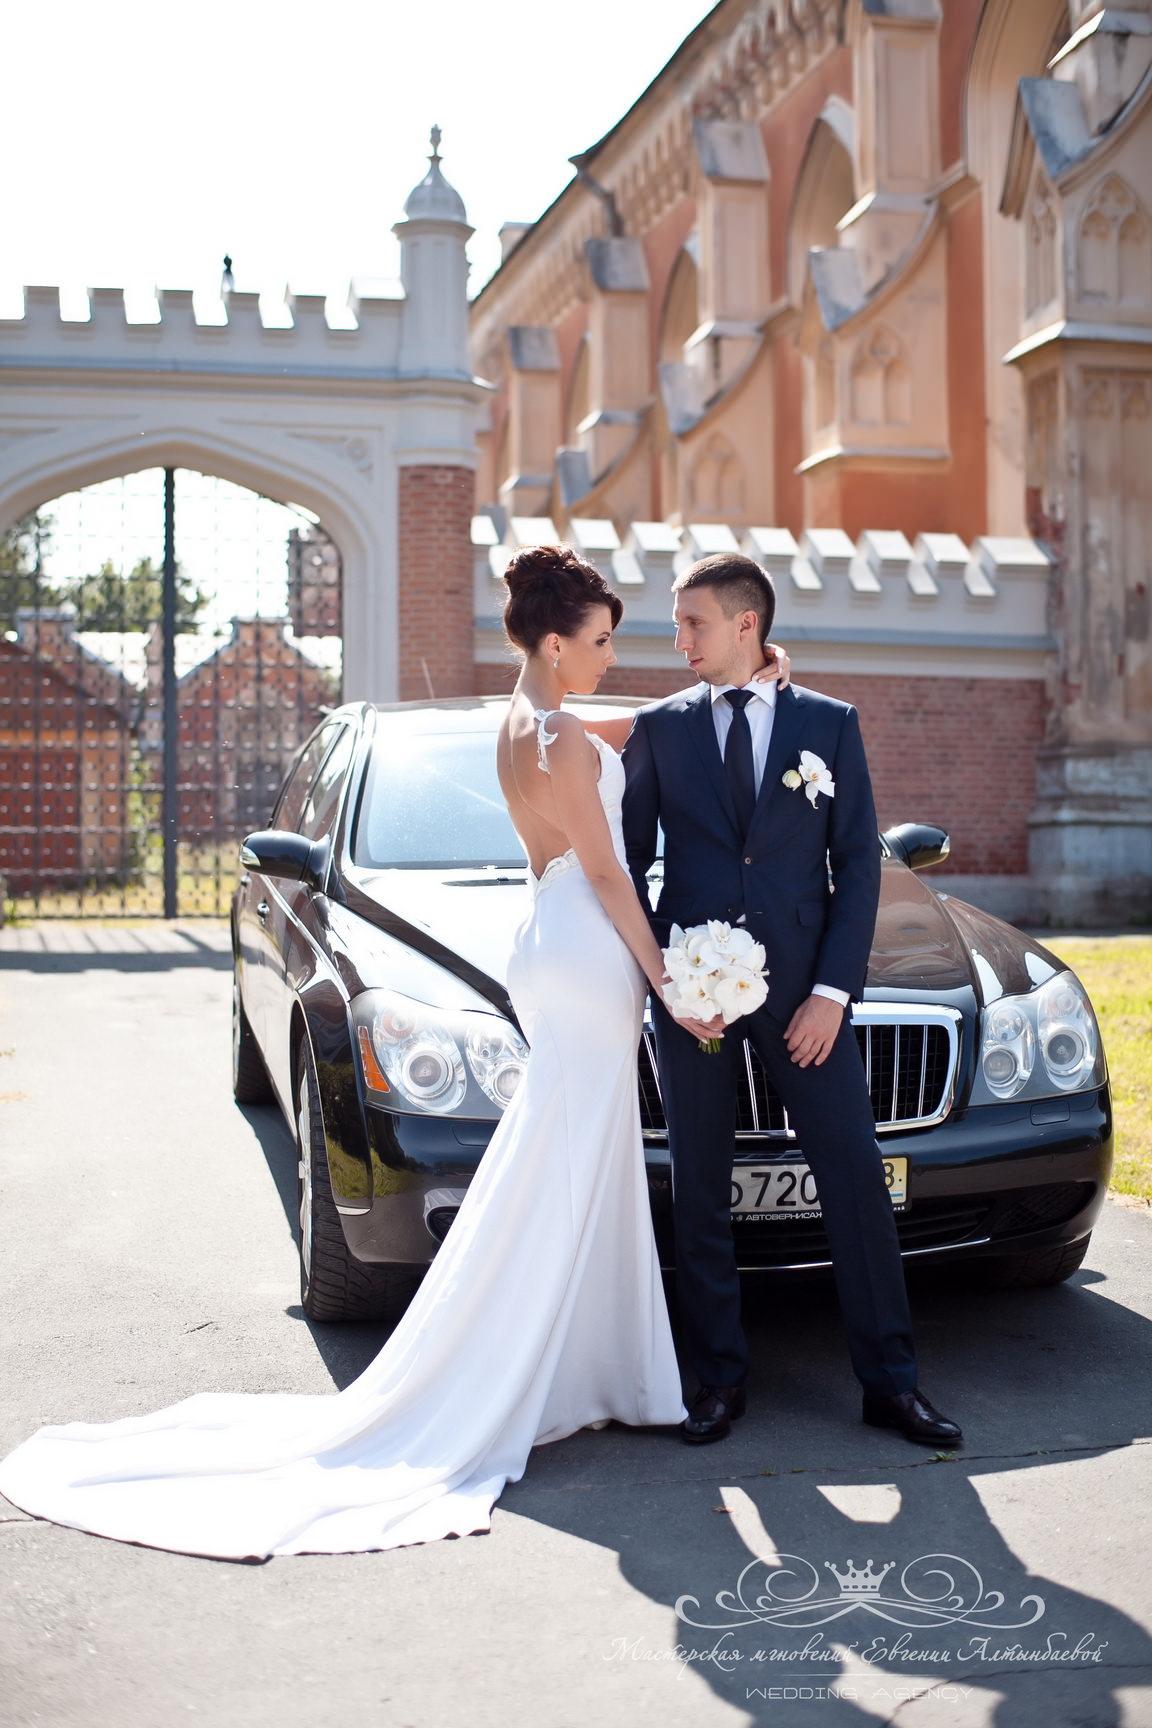 Стильный образ жениха и невесты